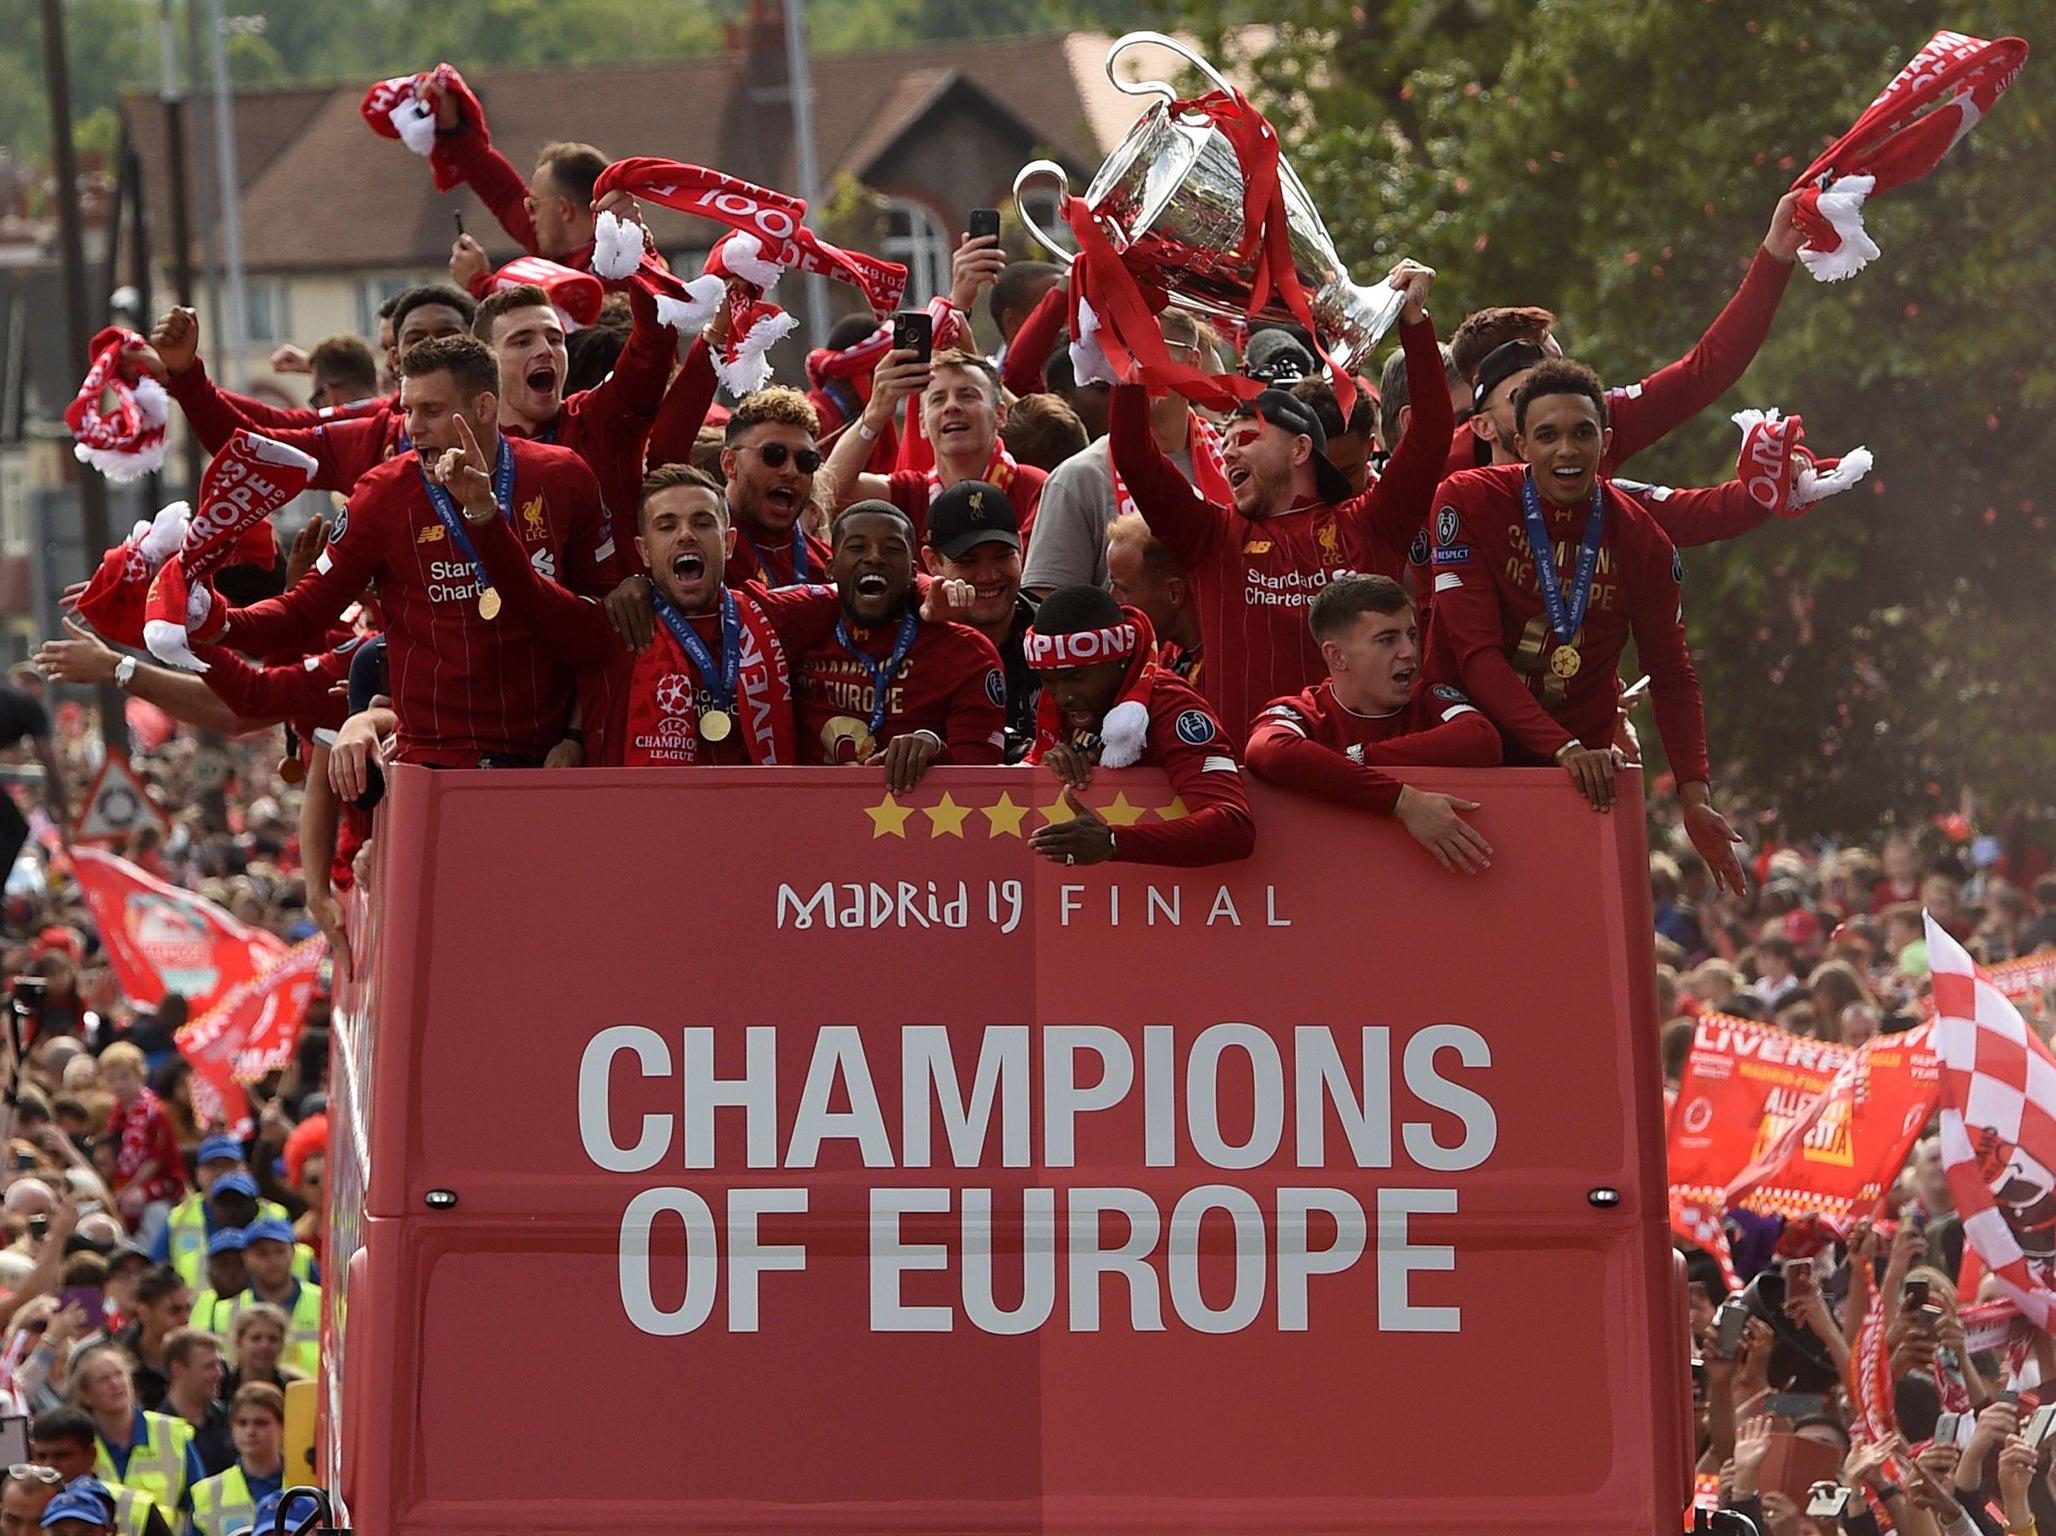 ผลการค้นหารูปภาพสำหรับ liverpool champions league 6 times